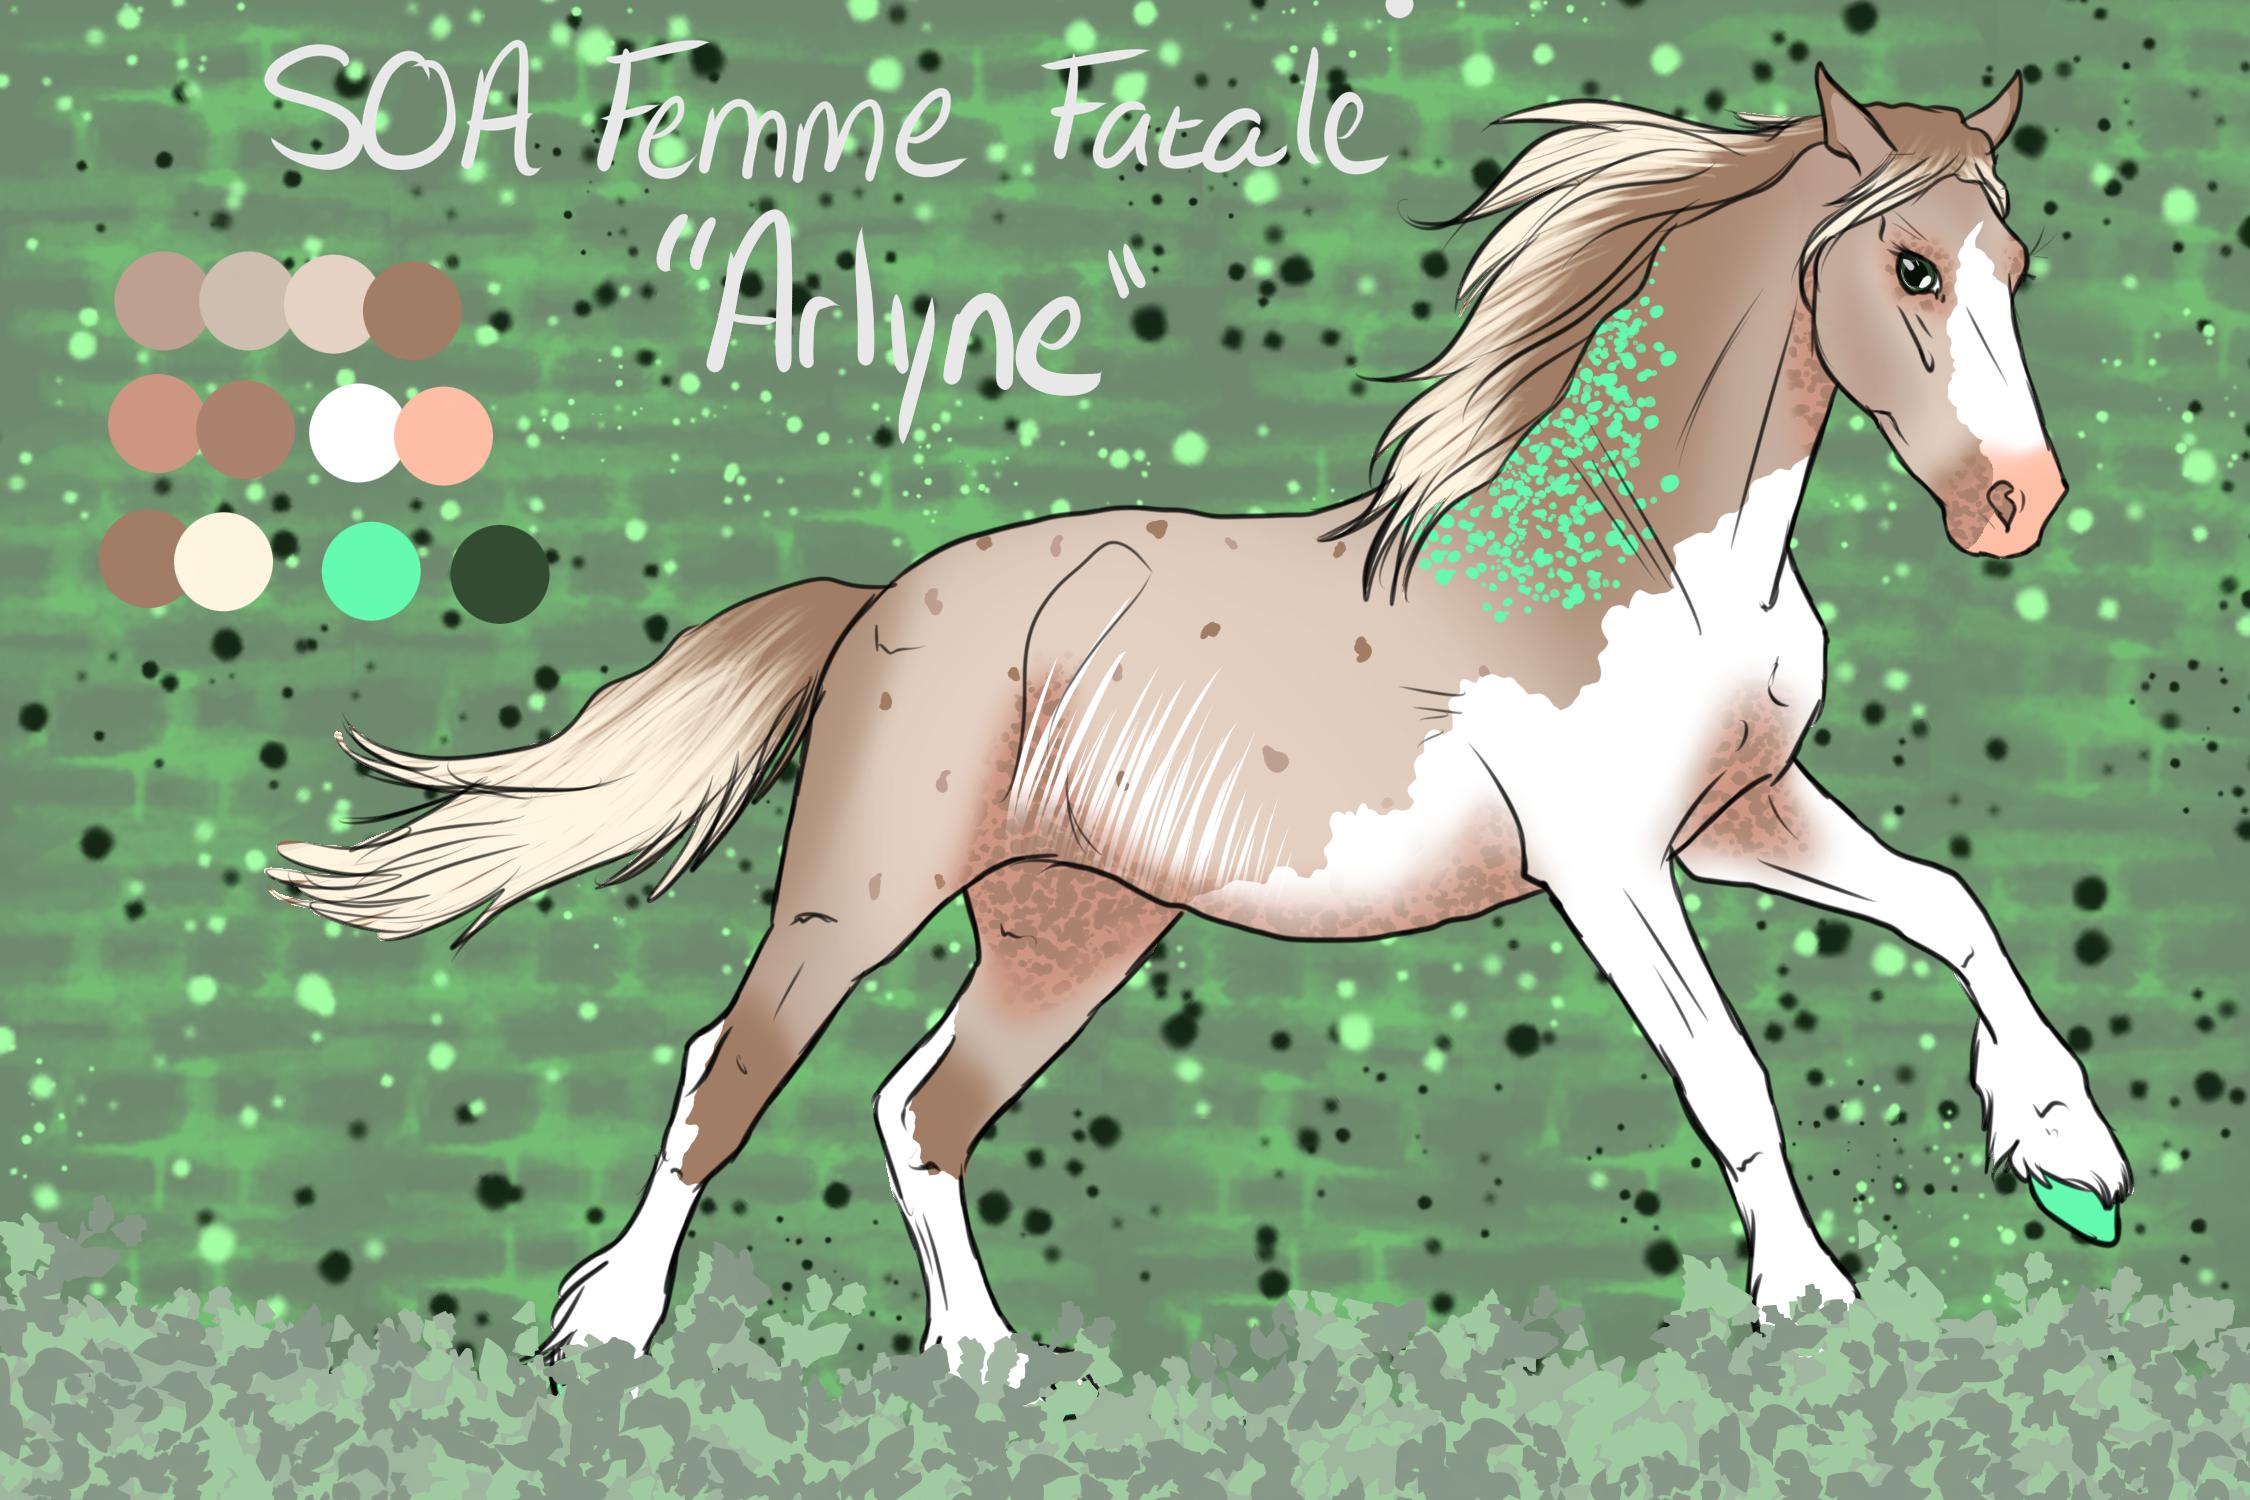 N5380 - SOA Femme Fatale AKA Arlyne